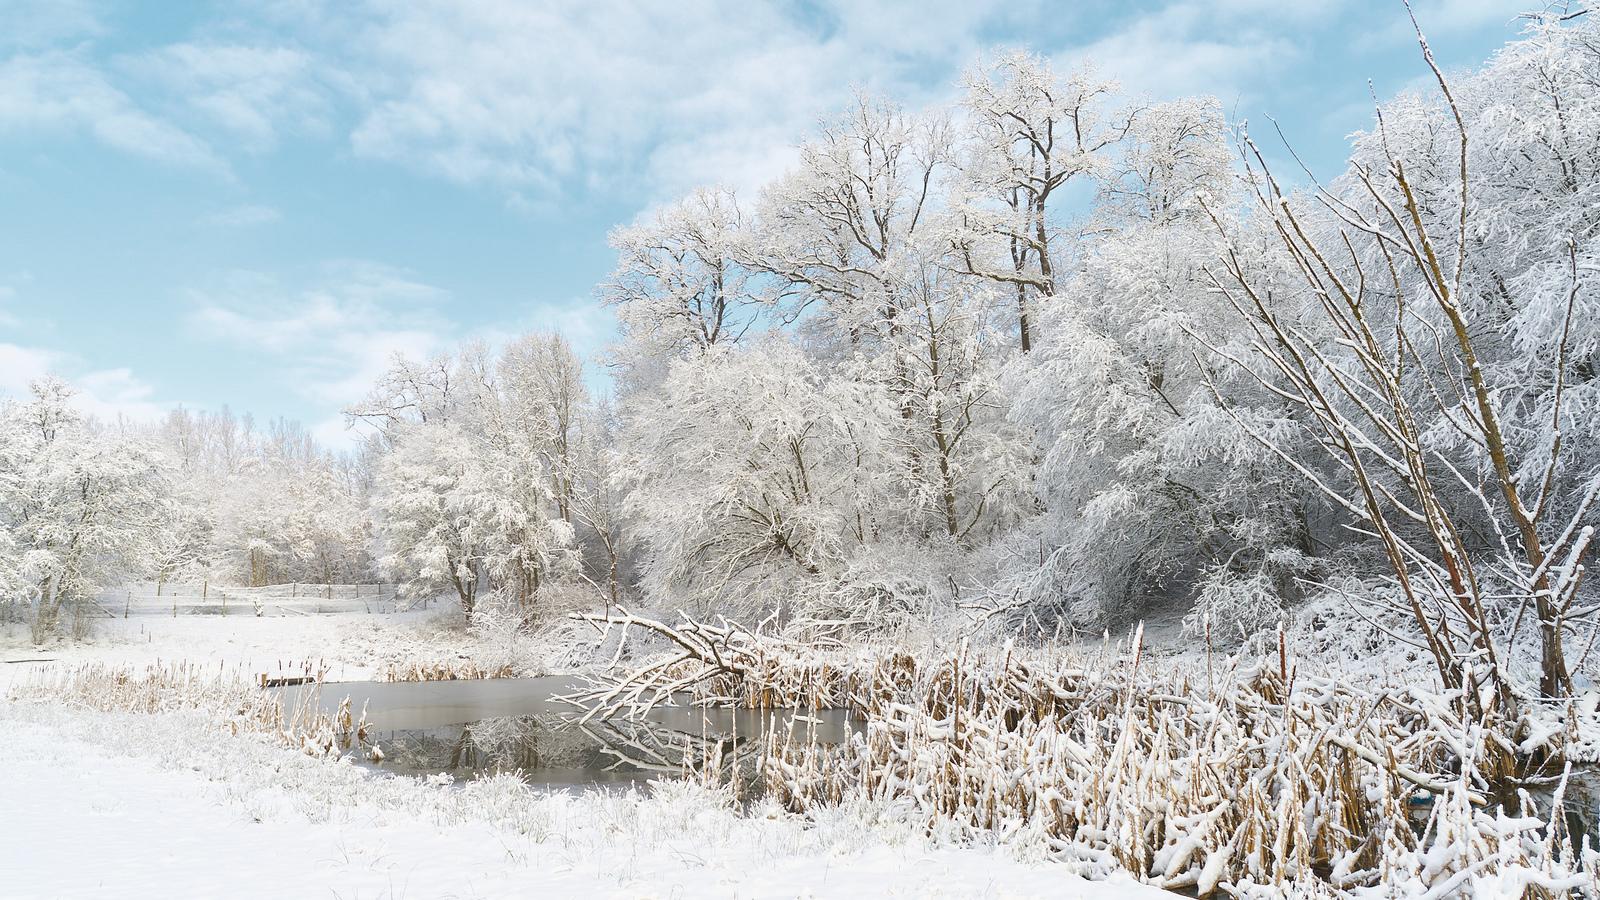 Invierno lleno de Nieve - 1600x900